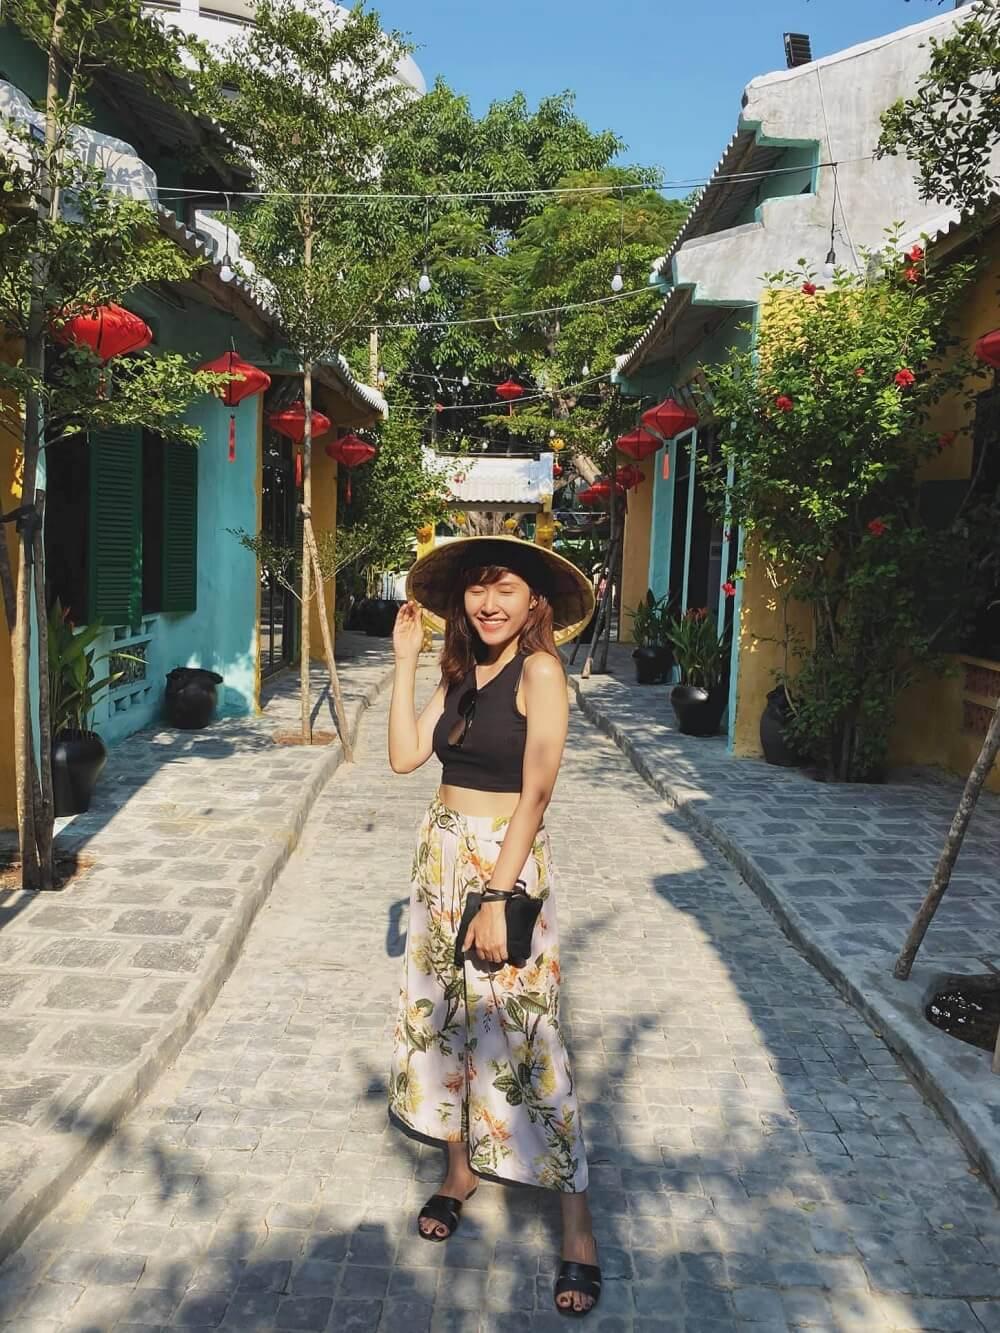 Xiu Cafe Hoi An Giua Long Da Nang Fantasticity Com 128 130 Nguyen Thi Minh Khai 02